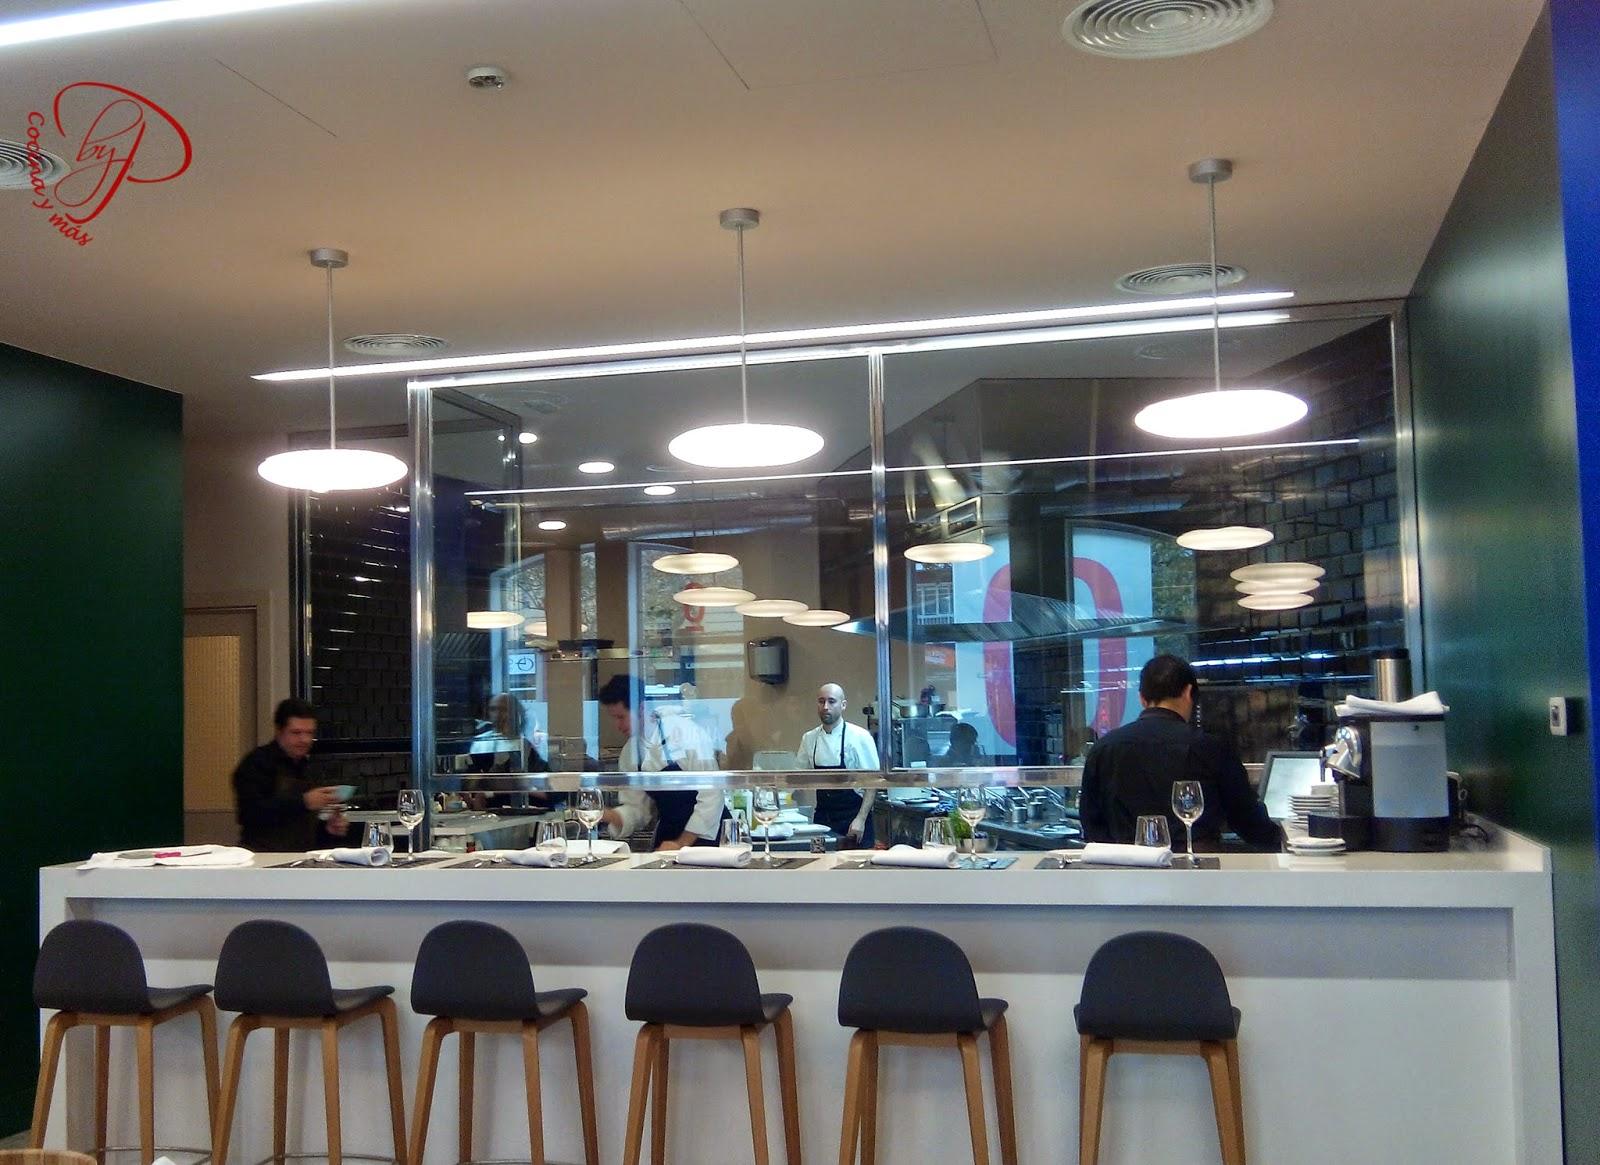 Cocina Y M S El Restaurante Quema O Donde Habita